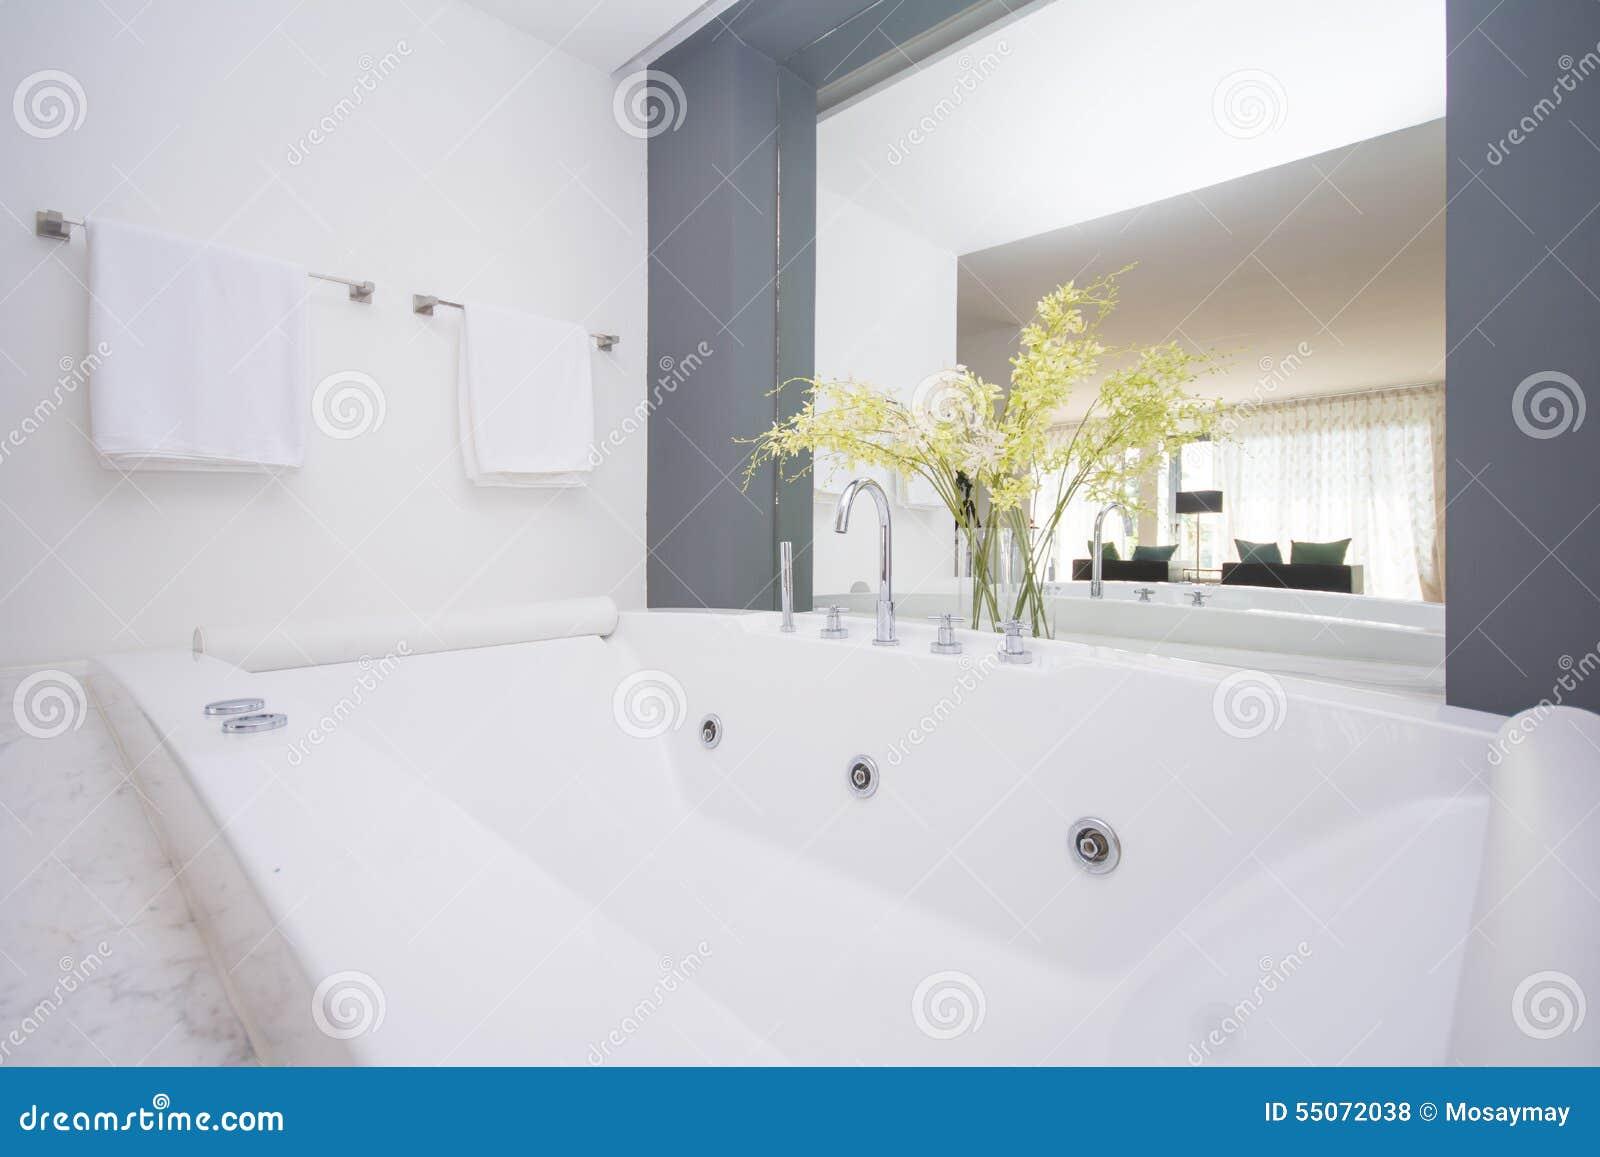 Grande Baignoire De Luxe Dans La Salle De Bains Photo stock ...